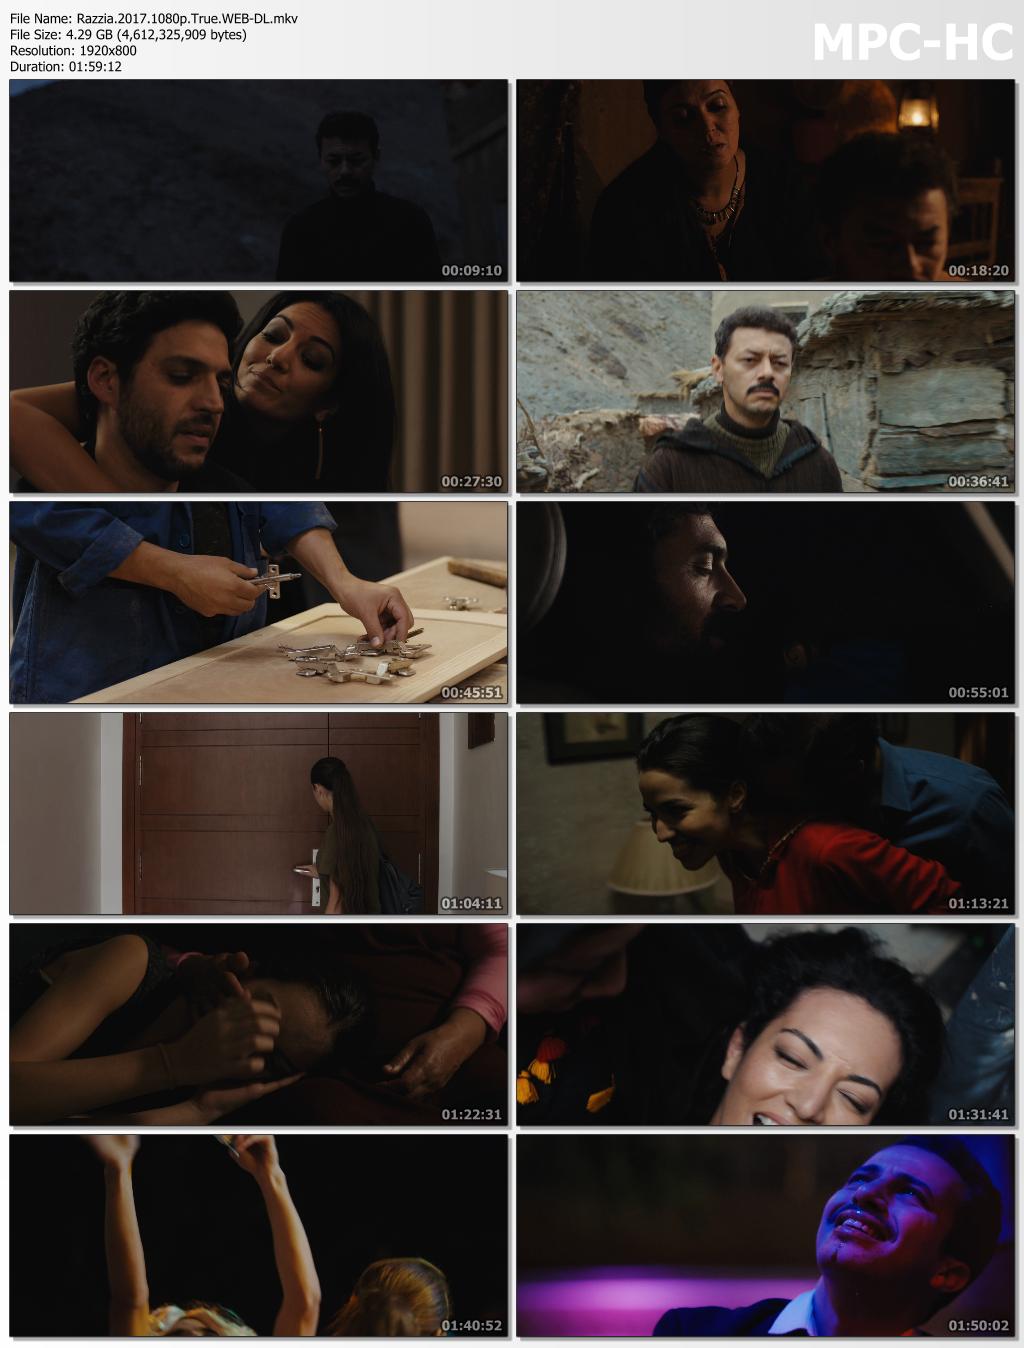 [فيلم][تورنت][تحميل][غزية][2017][1080p][Web-DL][مغربي] 5 arabp2p.com